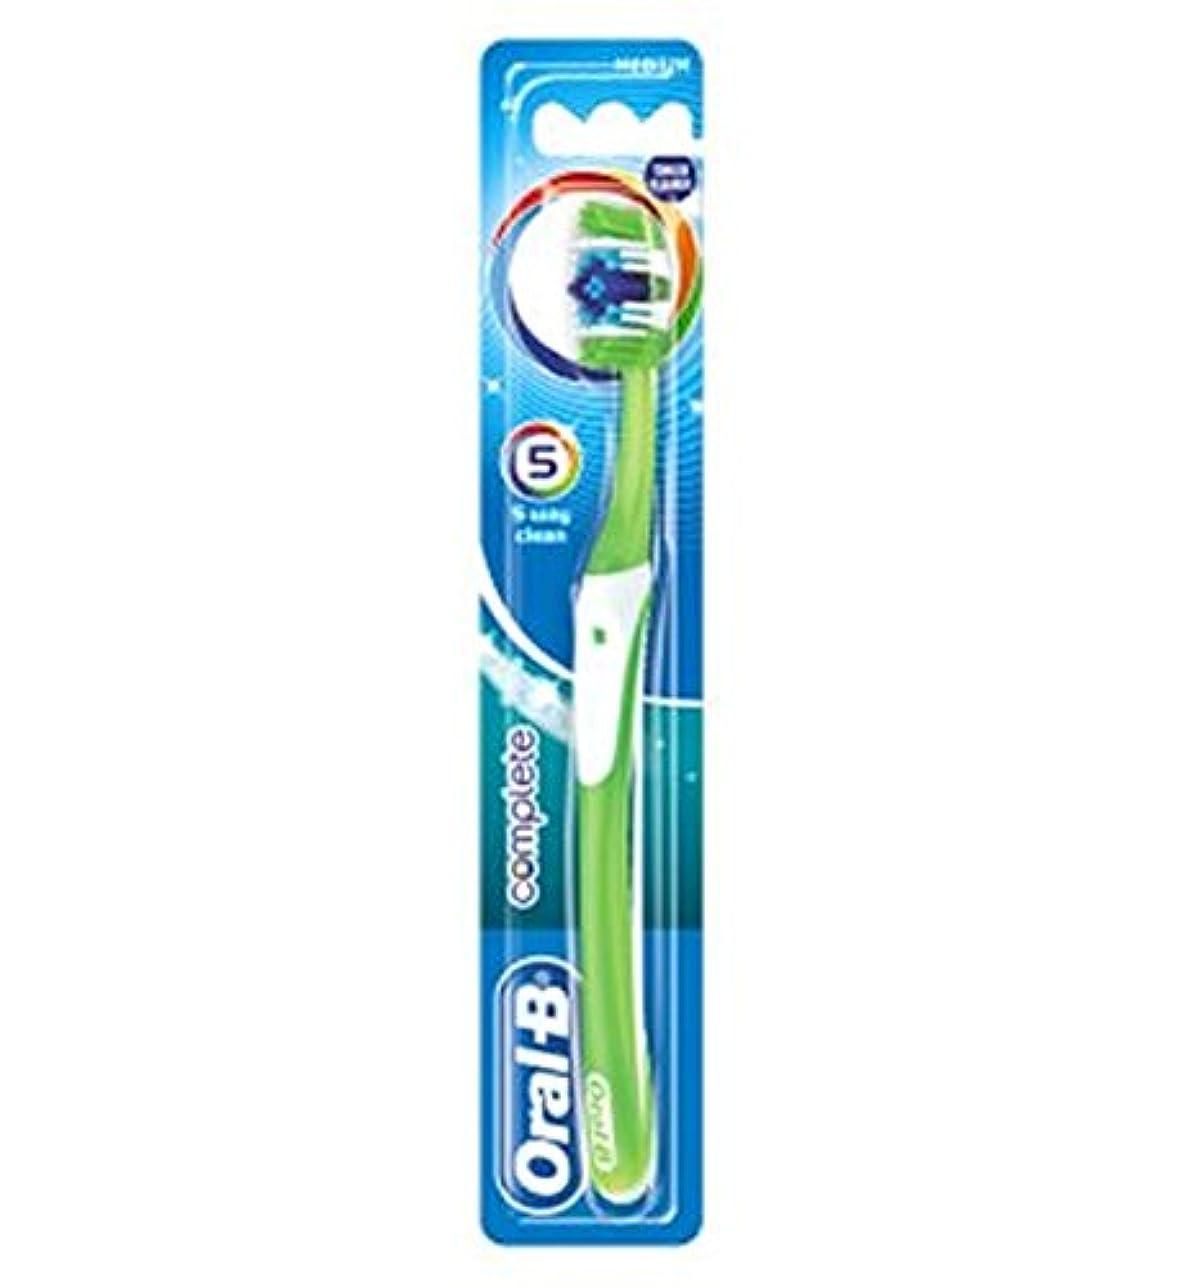 謙虚なパース囲まれたOral-B Complete 5 Way Clean Medium Manual Toothbrush - オーラルBの完全な5道クリーンなメディアの手動歯ブラシ (Oral B) [並行輸入品]